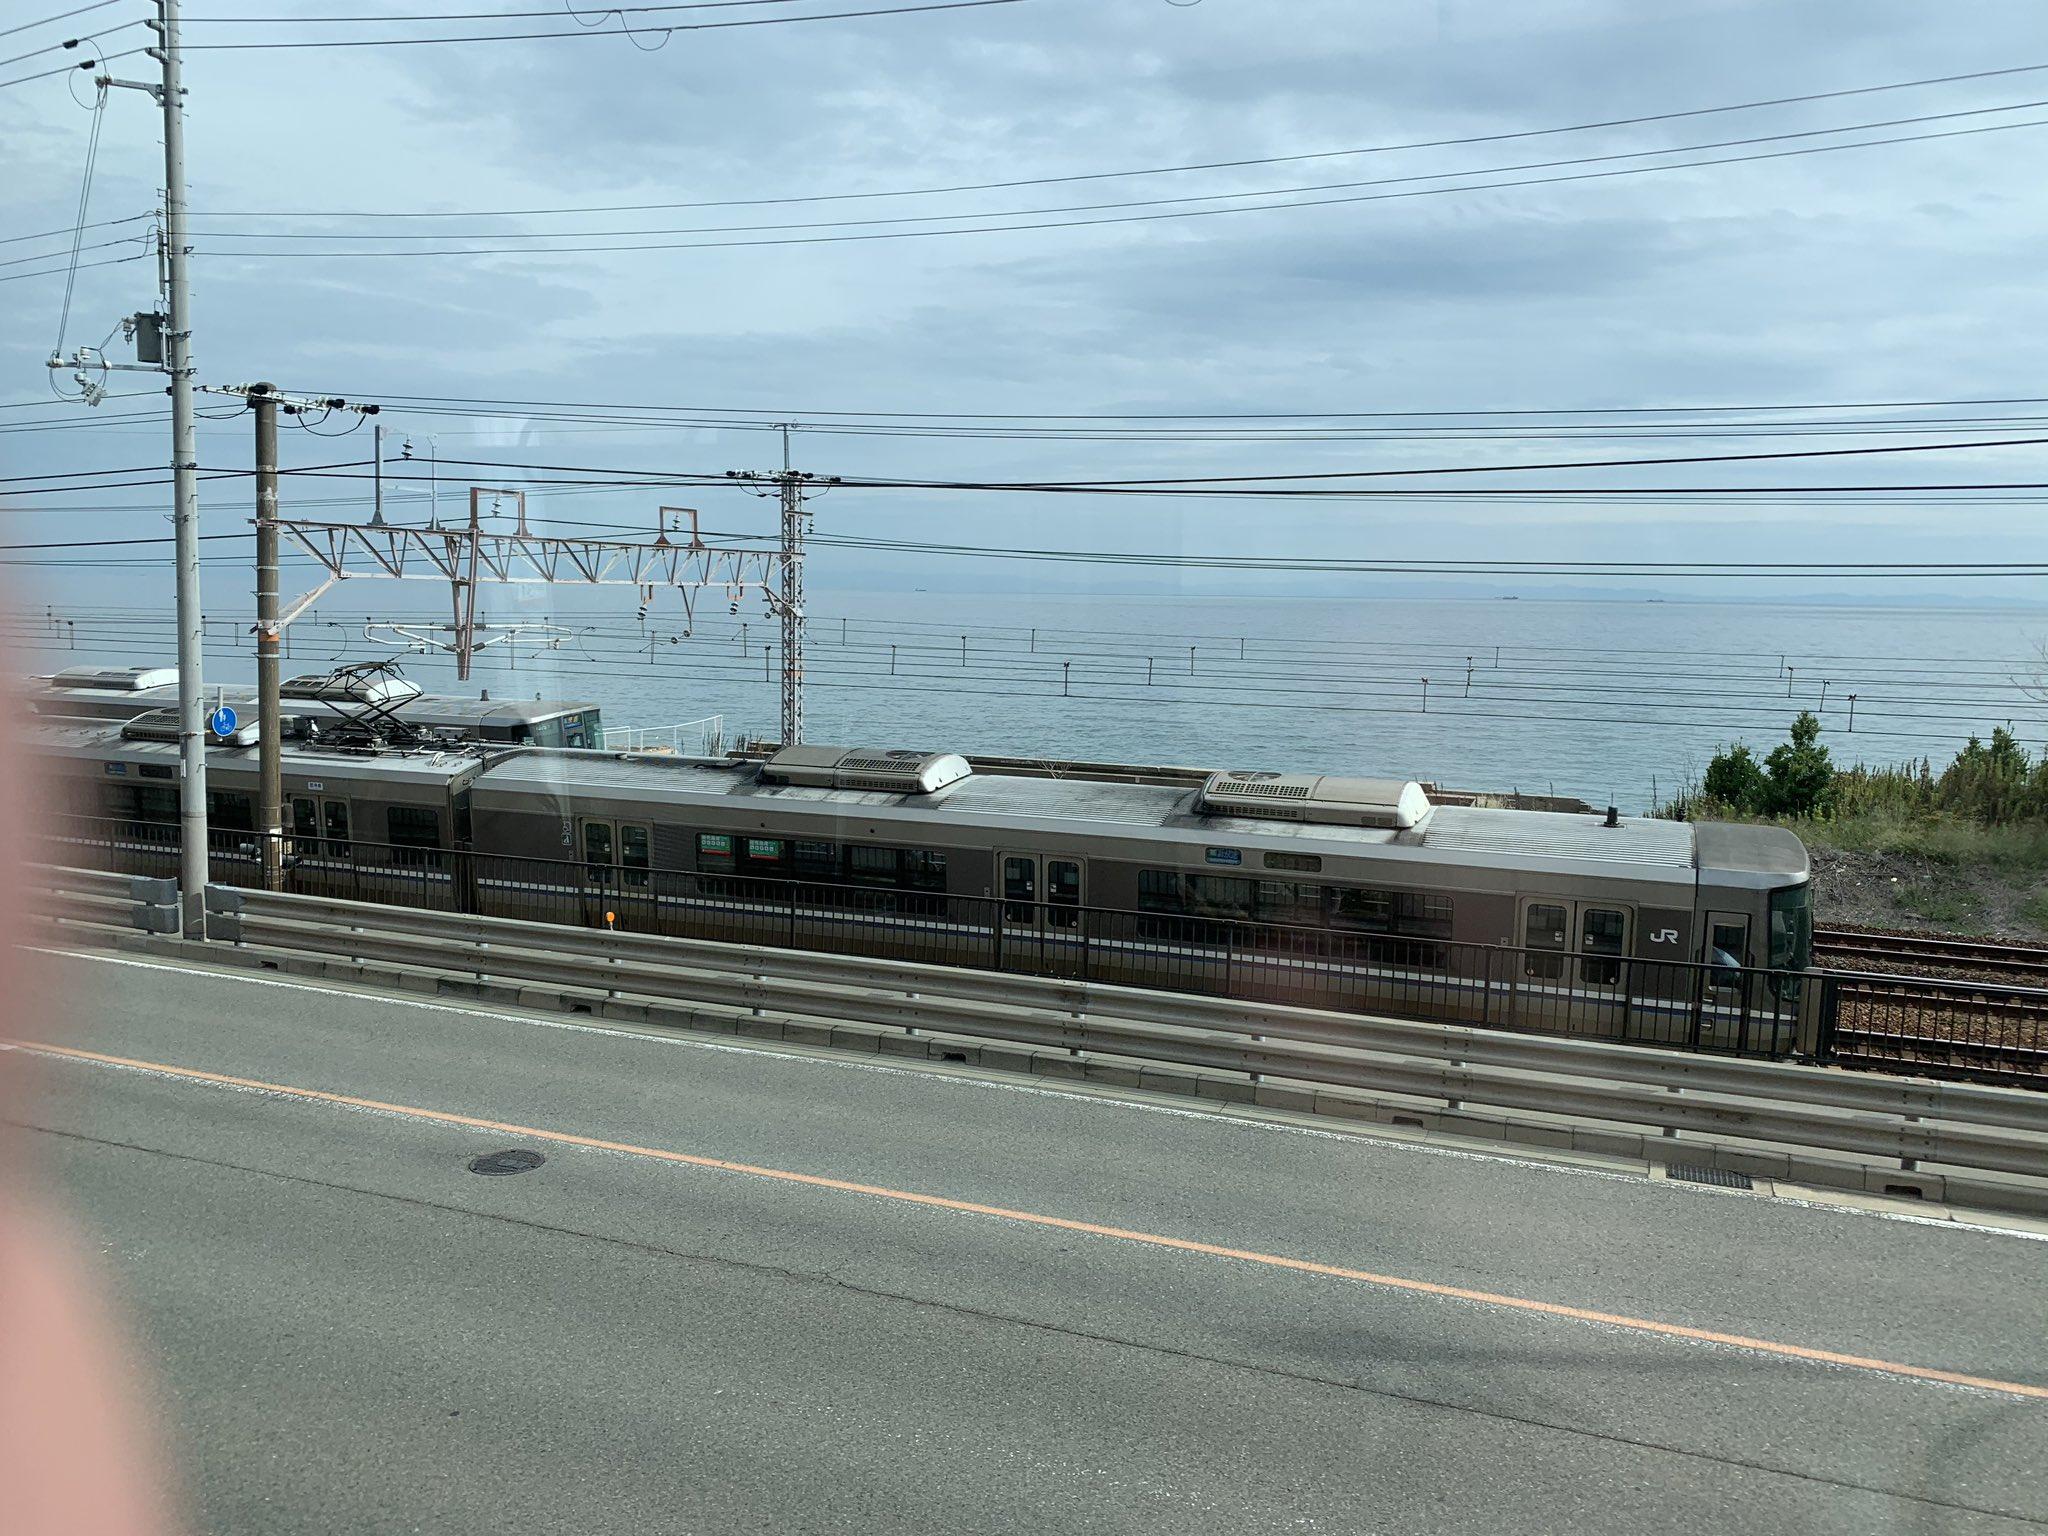 画像,須磨ー塩谷間 列車抑止中と思われる https://t.co/BqkfNNeIHl https://t.co/fGnQJQrmB9…